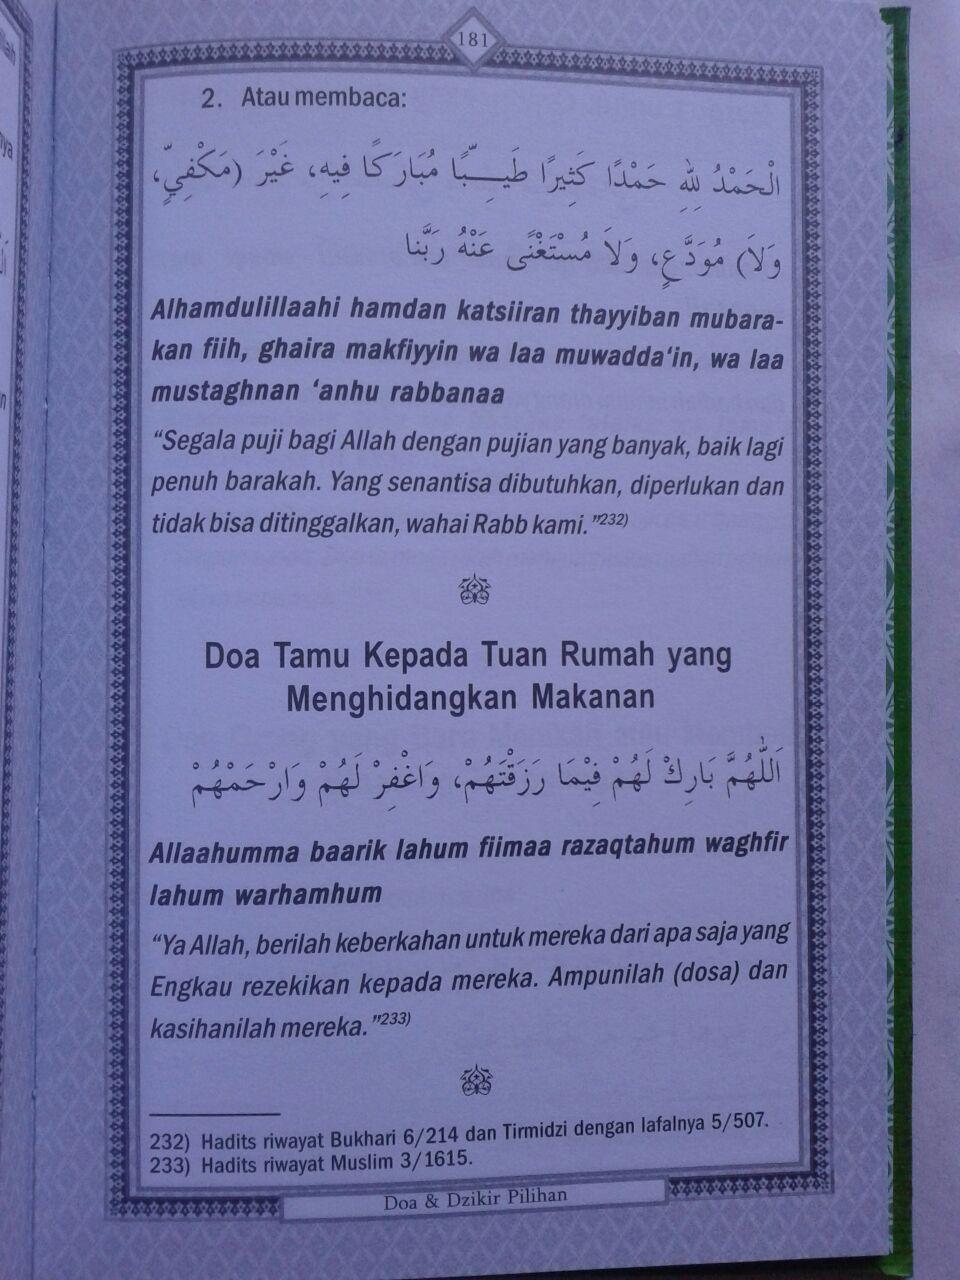 Buku Hisnul Muslim Ensiklopedi Mini Doa & Dzikir Pilihan isi